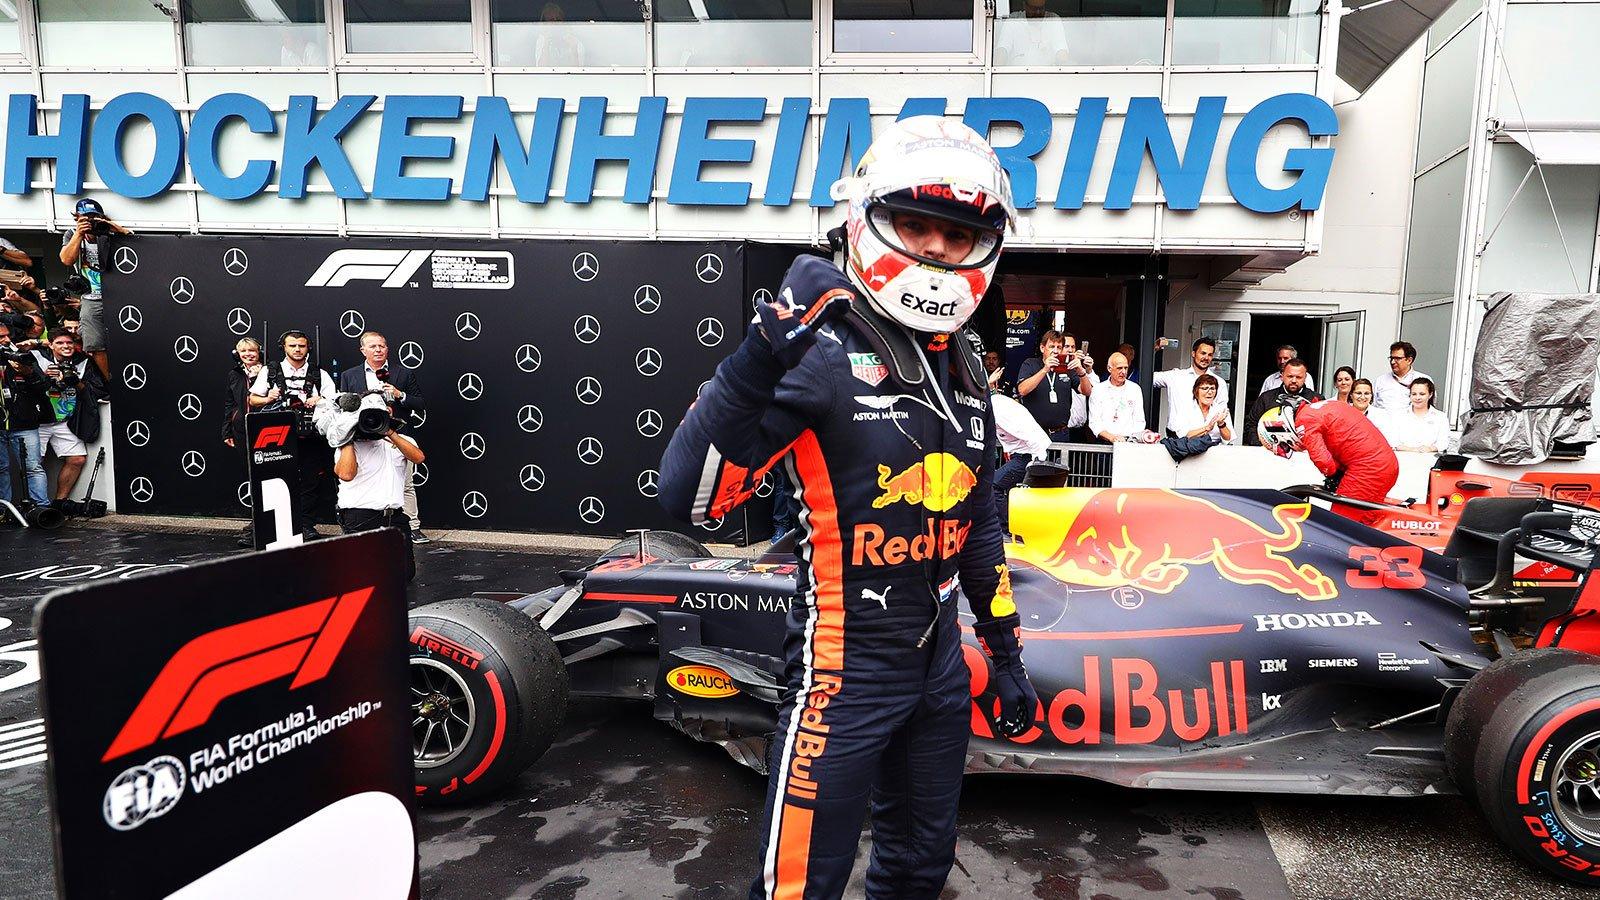 Макс Ферстаппен празднует победу в гран-при Германии 2019 года